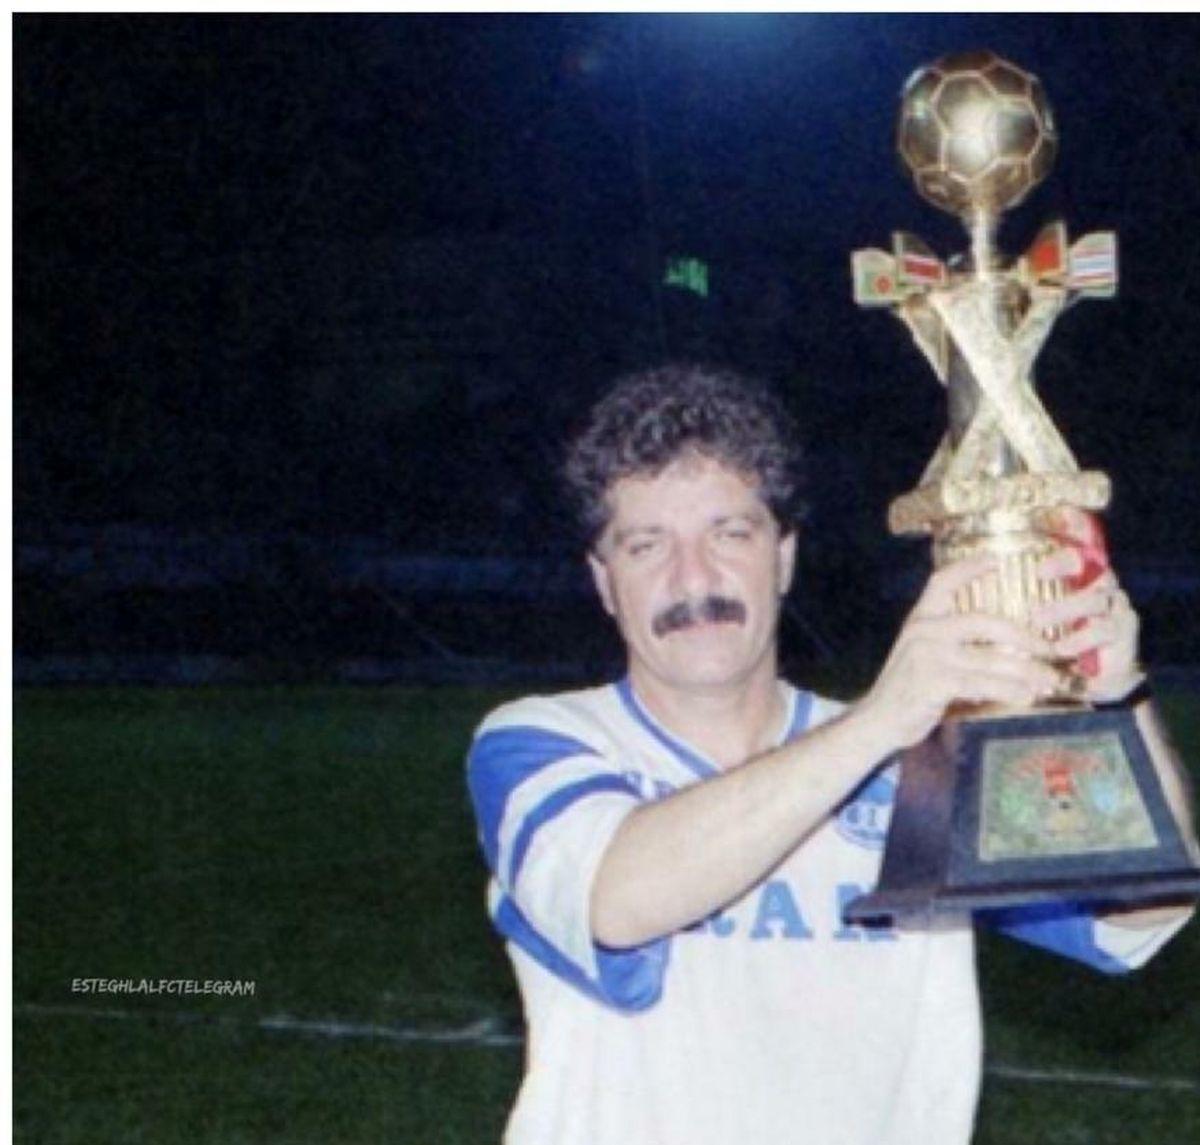 حرف های جنجالی مرحوم پورحیدری درباره دومین قهرمانی استقلال در آسیا+ عکس لو رفته